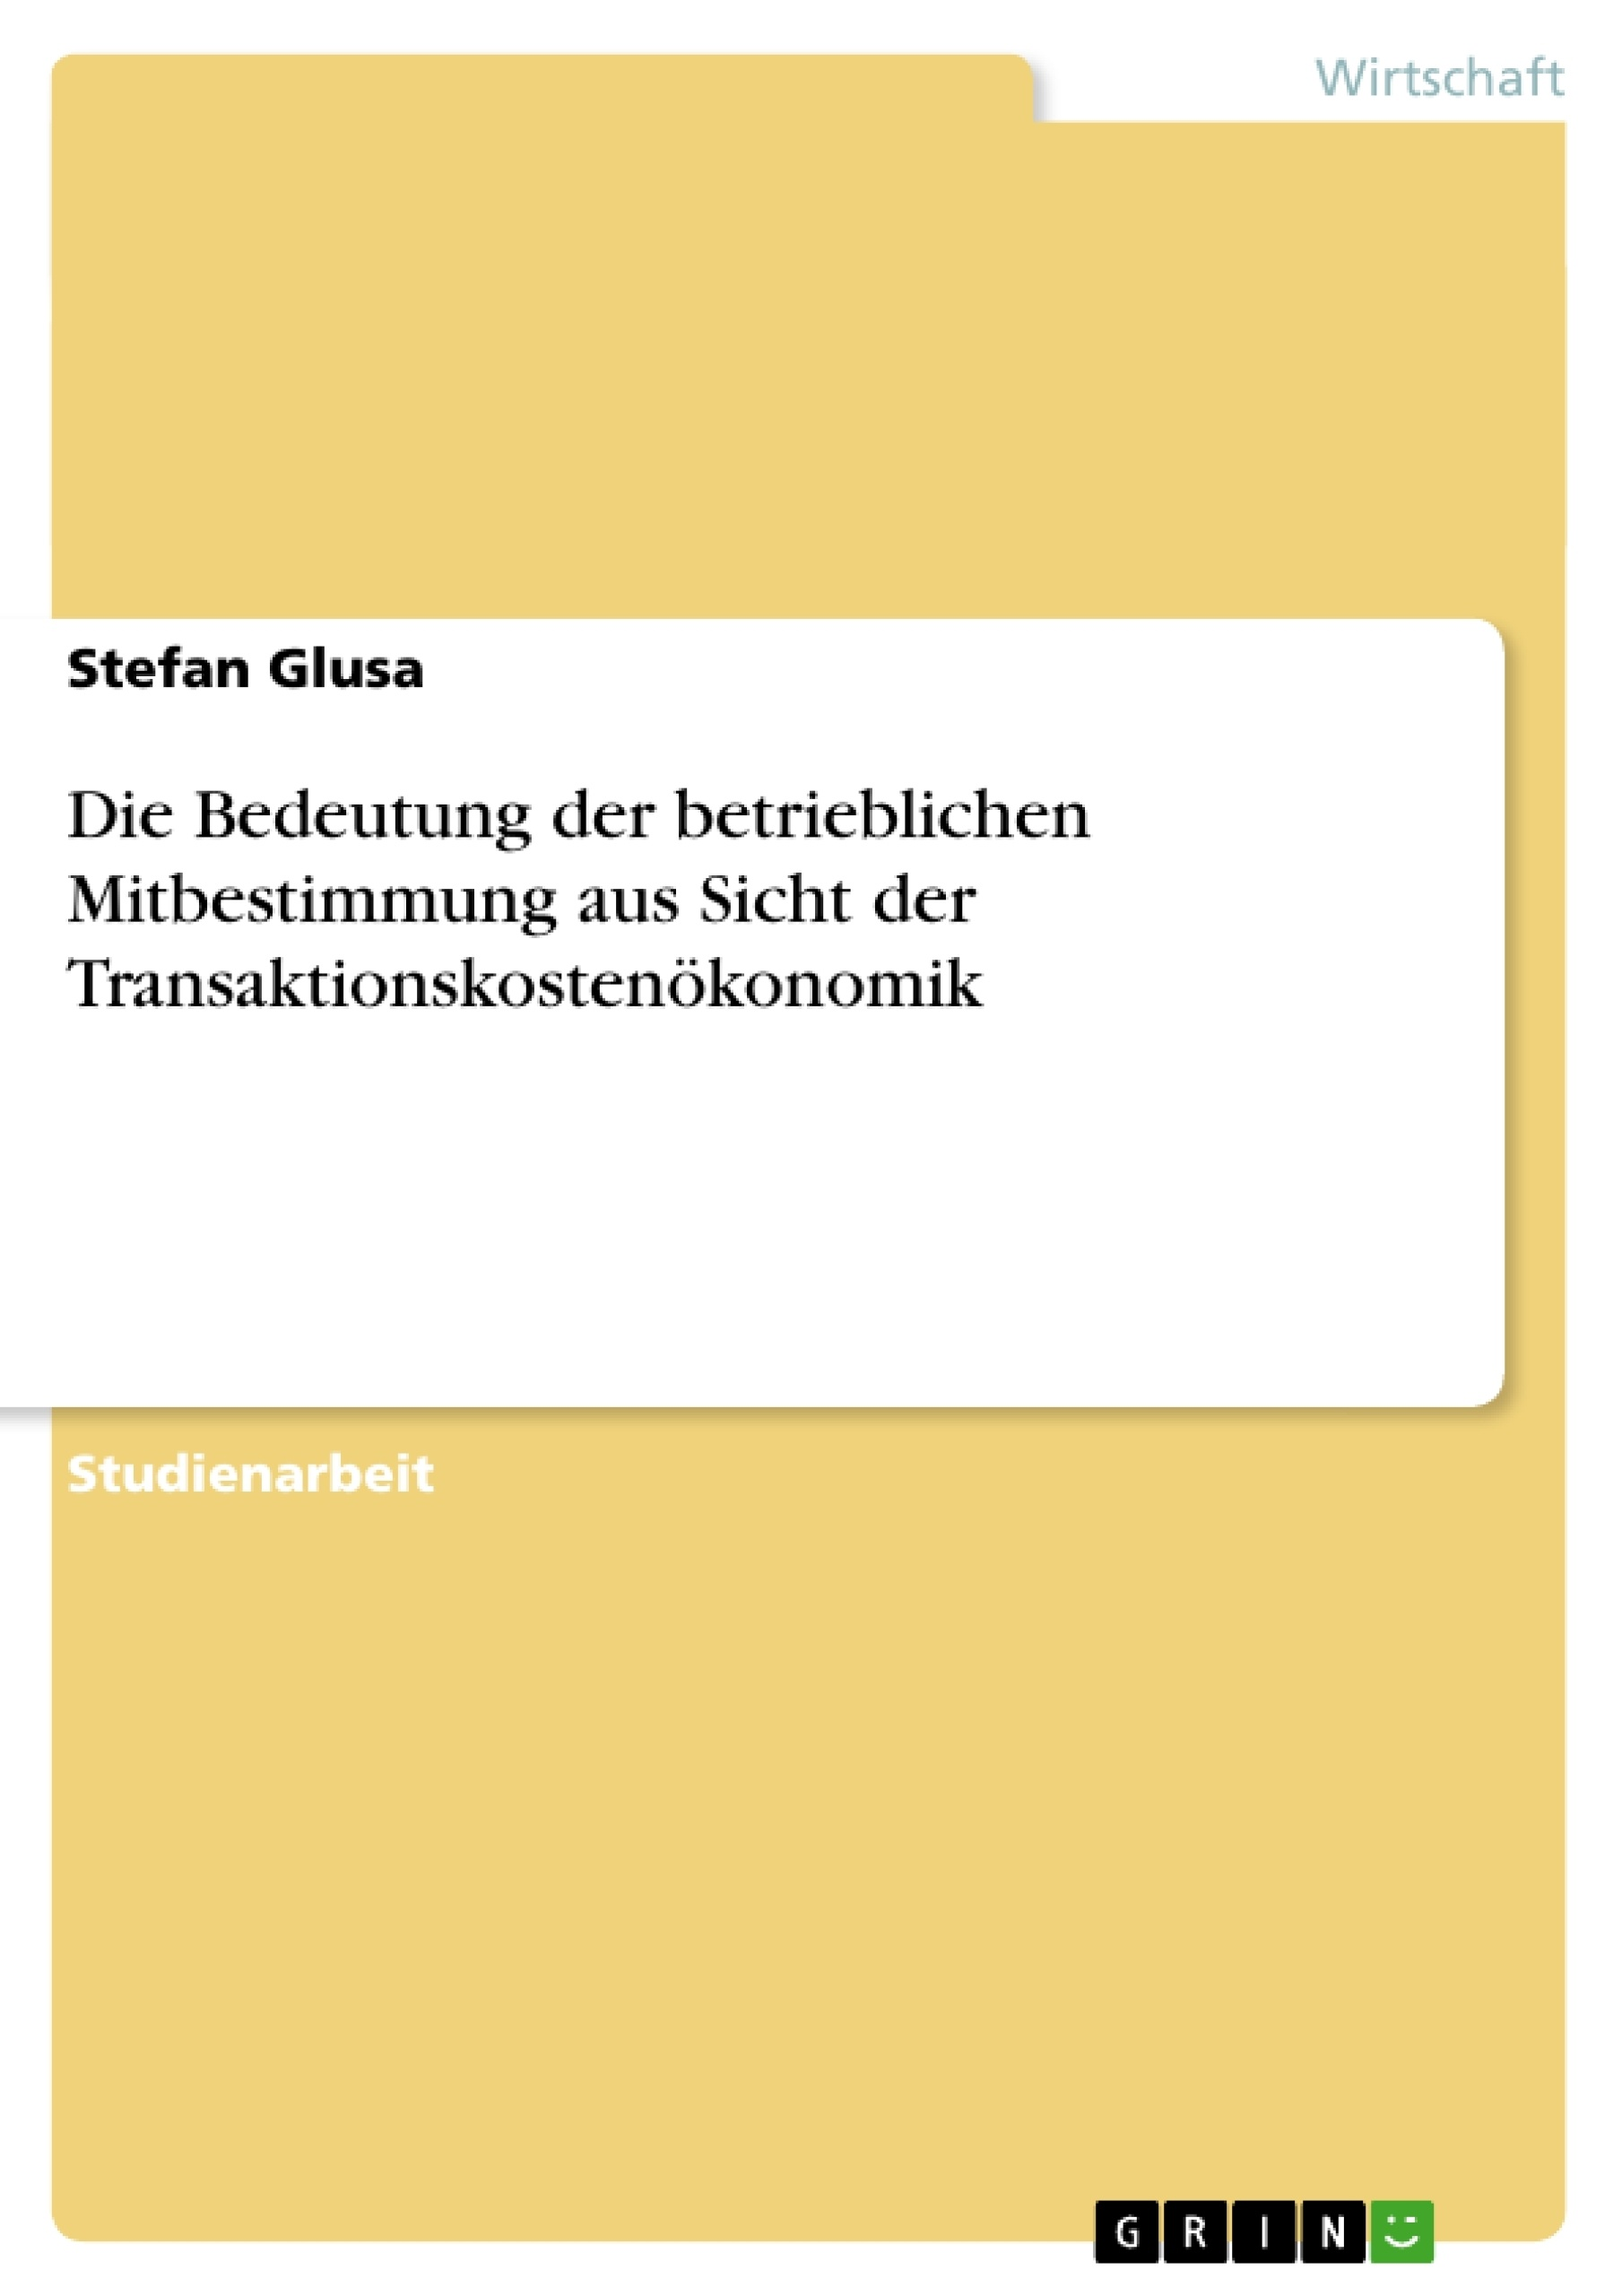 Titel: Die Bedeutung der betrieblichen Mitbestimmung aus Sicht der Transaktionskostenökonomik